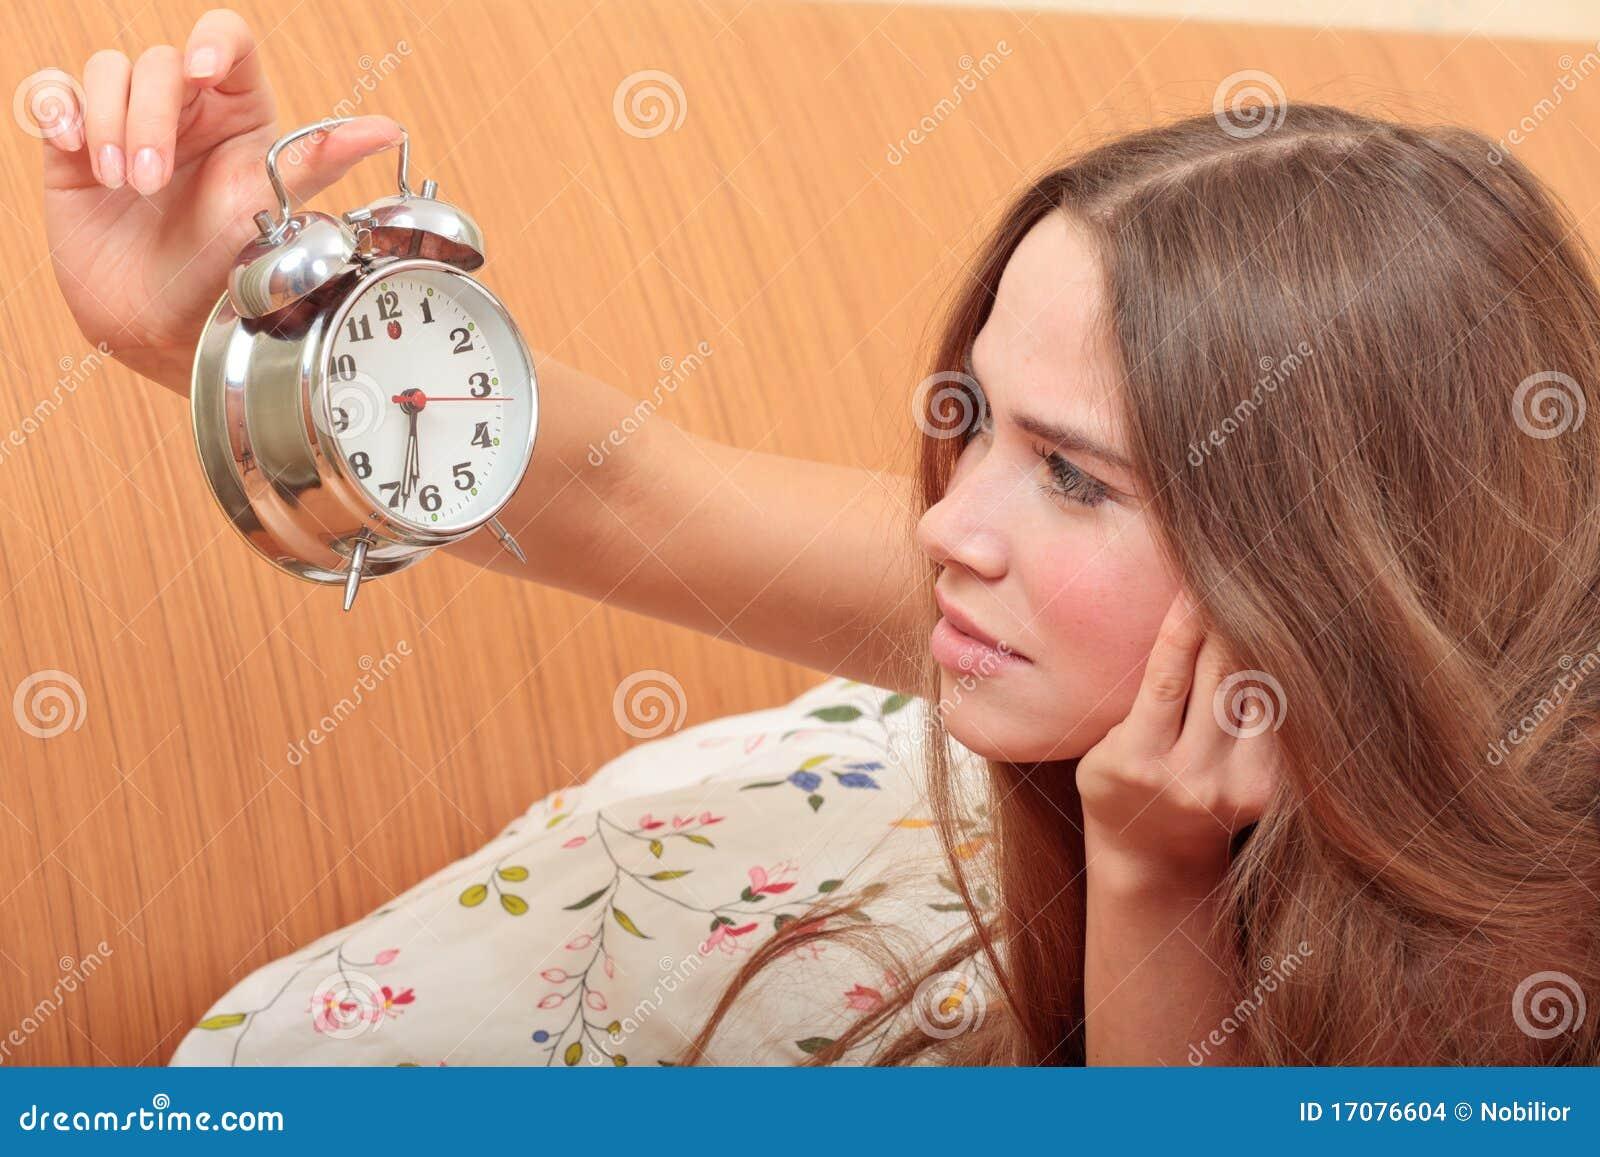 Junges Mädchen und Alarmuhr